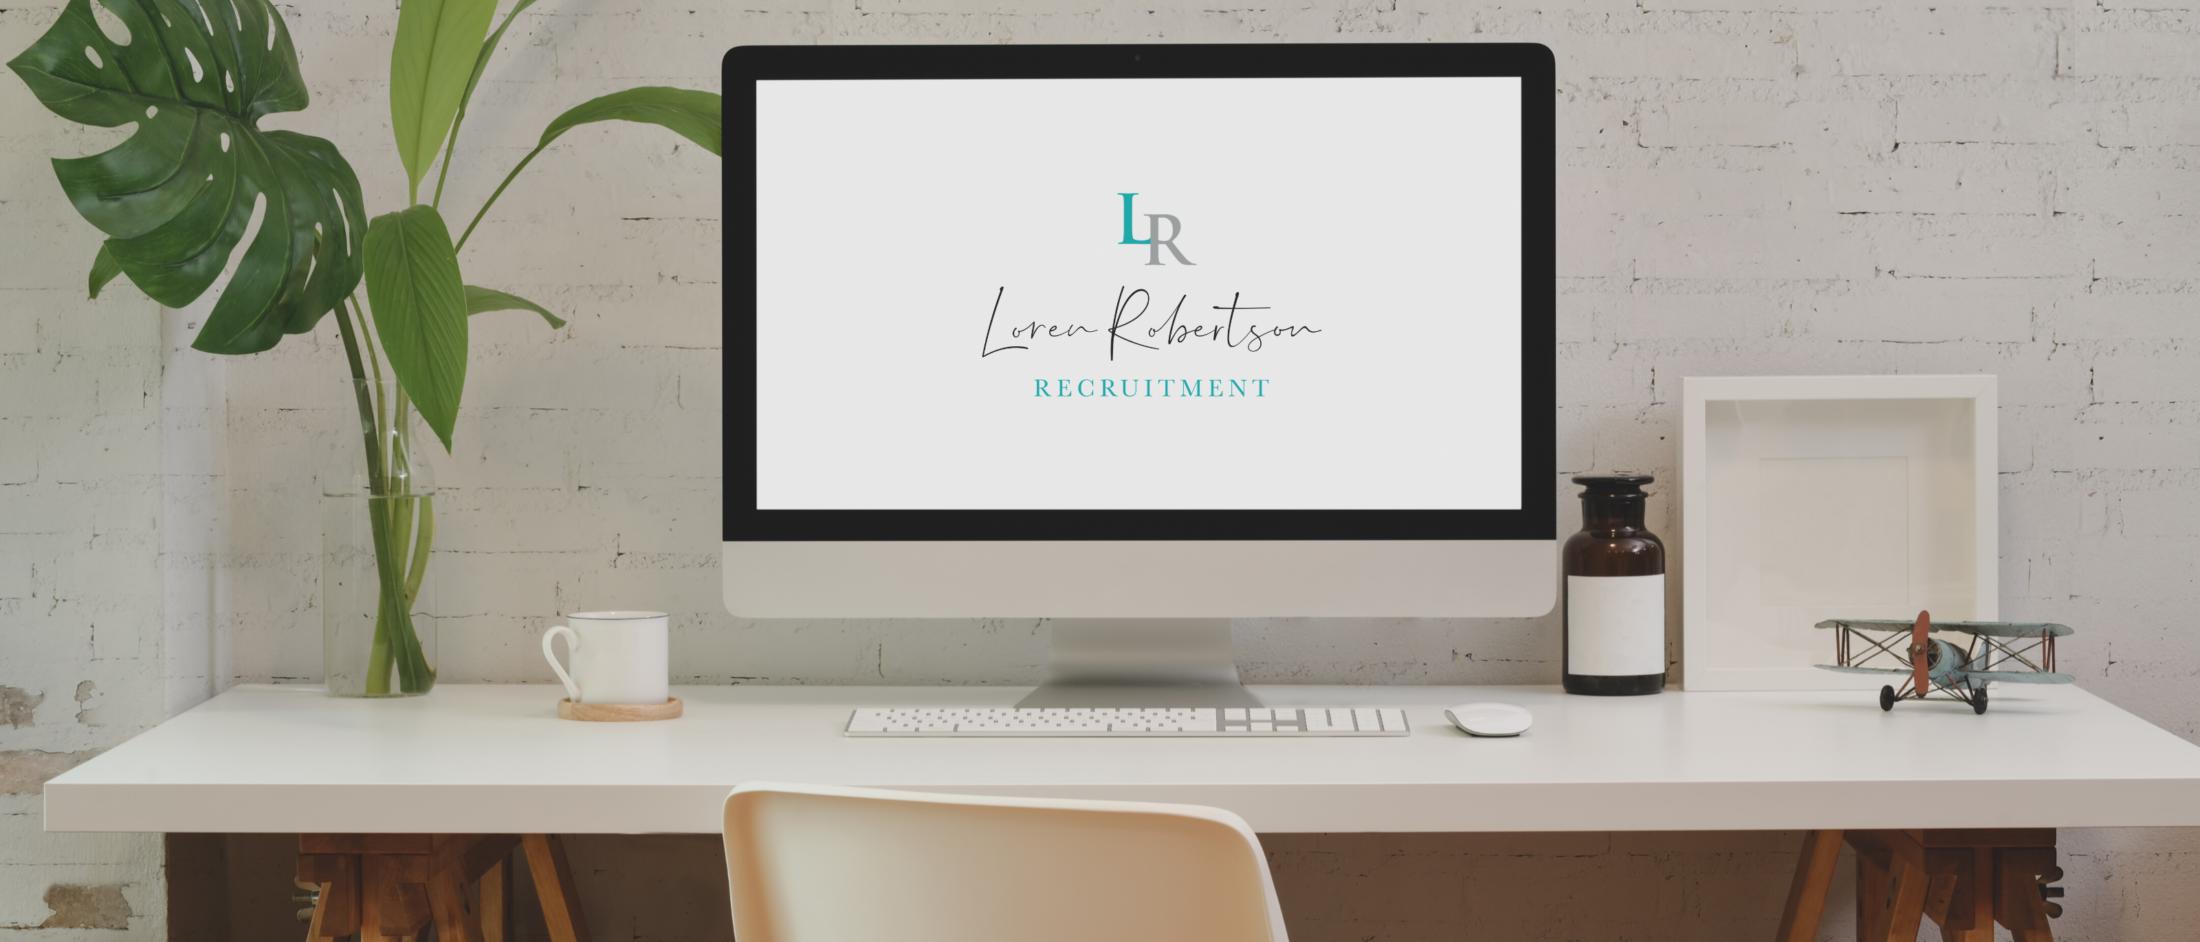 Loren Robertson Recruitment